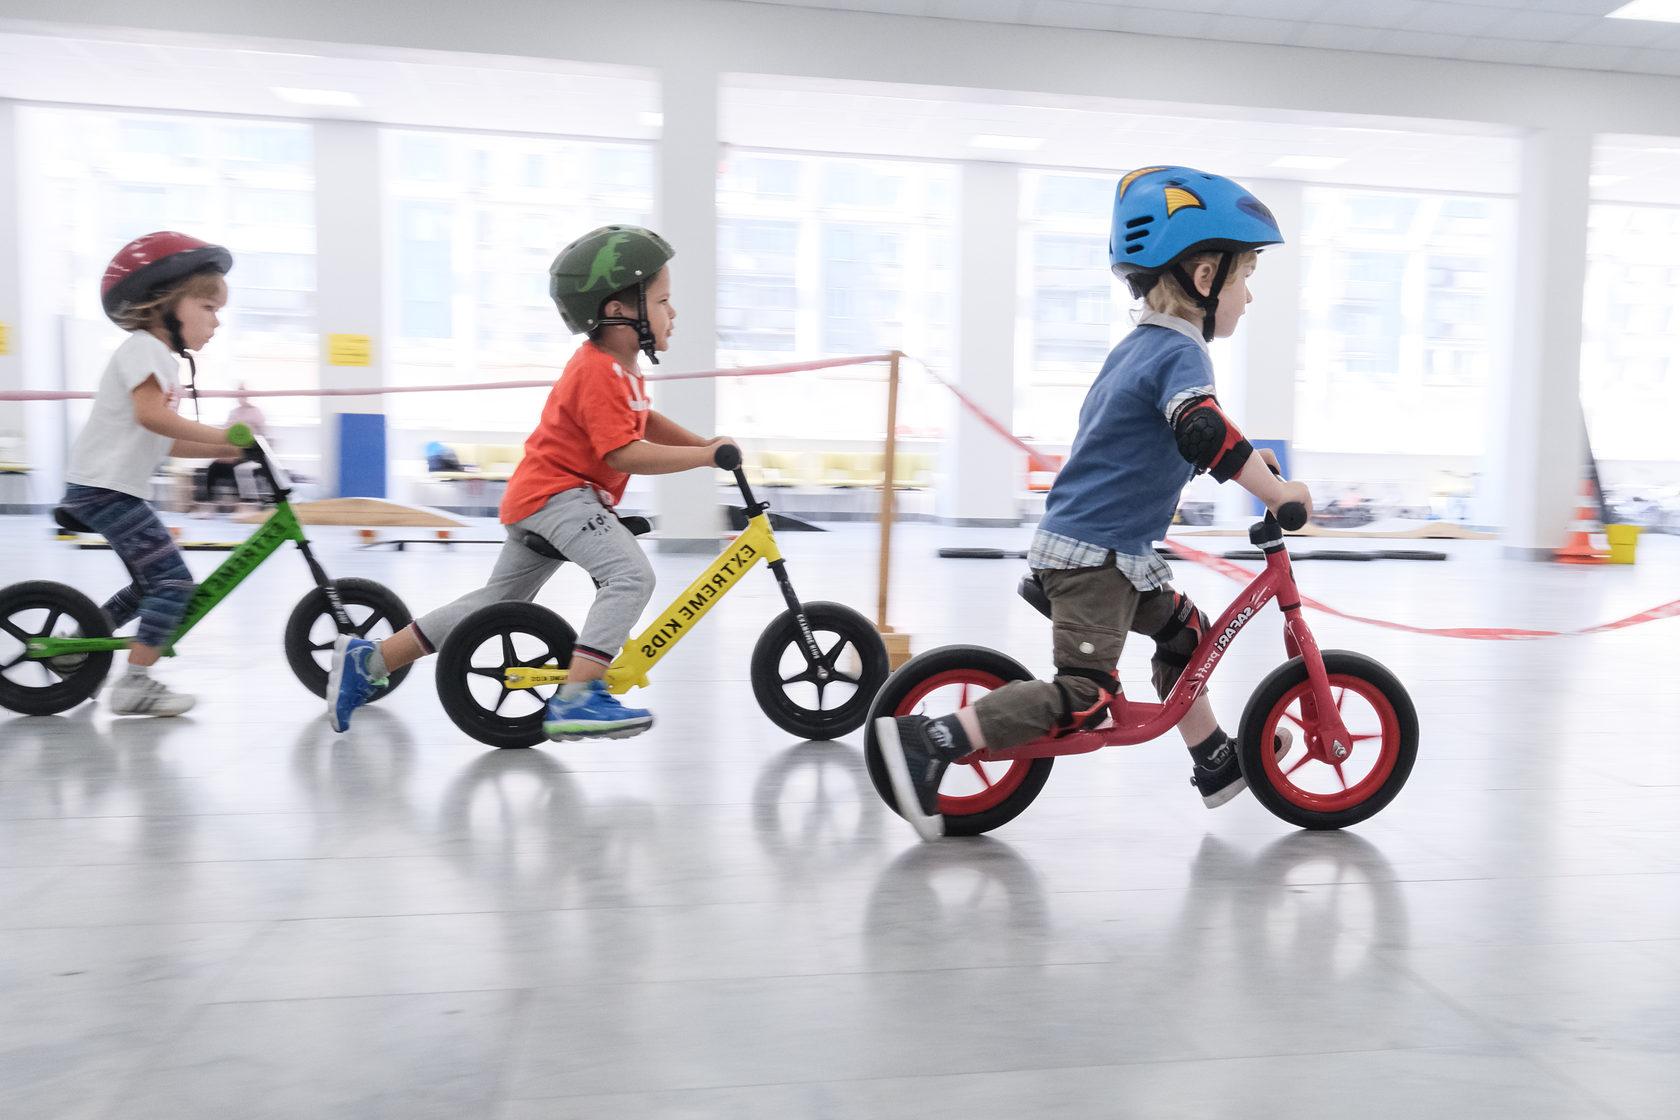 Как выбрать беговел? рейтинг хороших беговелов 2020, обзор и сравнение моделей. как правильно подобрать для ребенка от года?